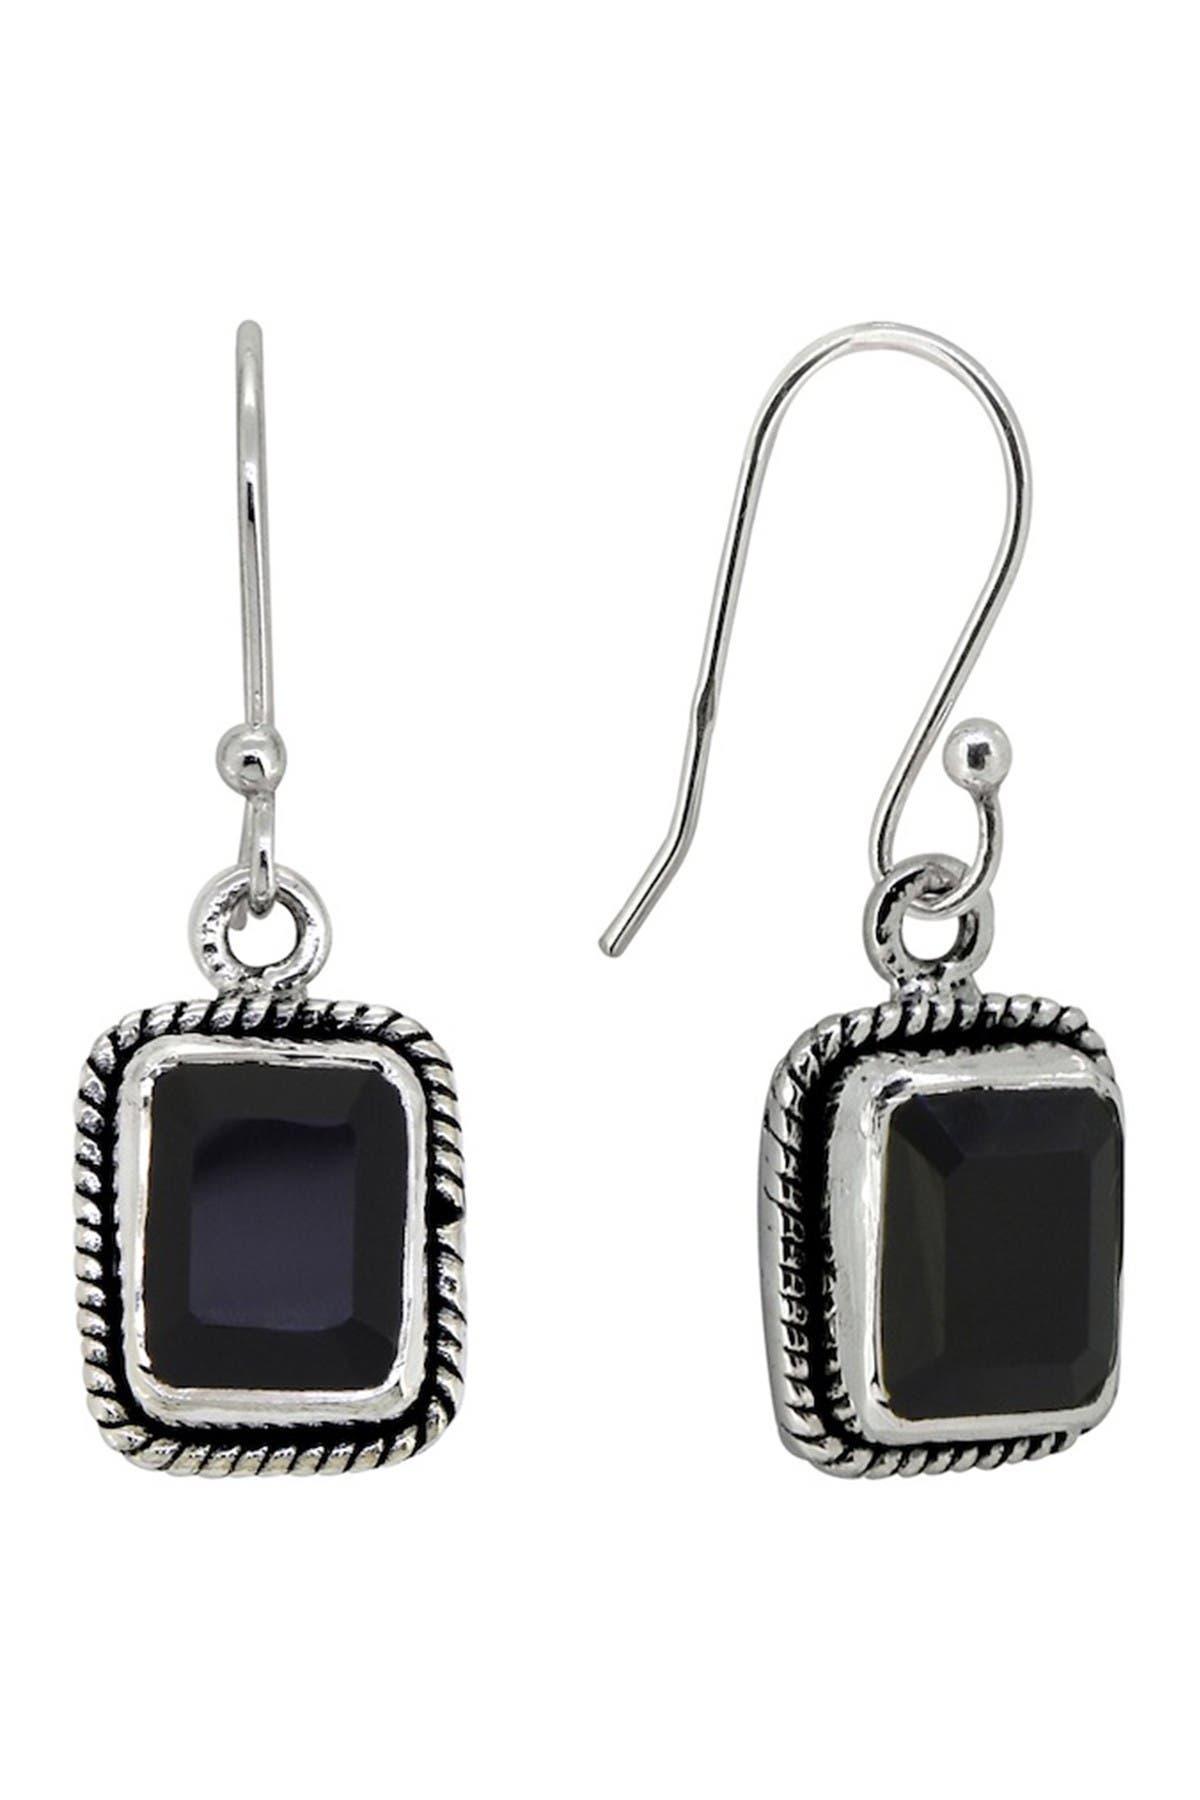 00165 Onyx Dangle Earrings in Sterling Silver by allotria Dangle /& Drop Black Onyx Earrings